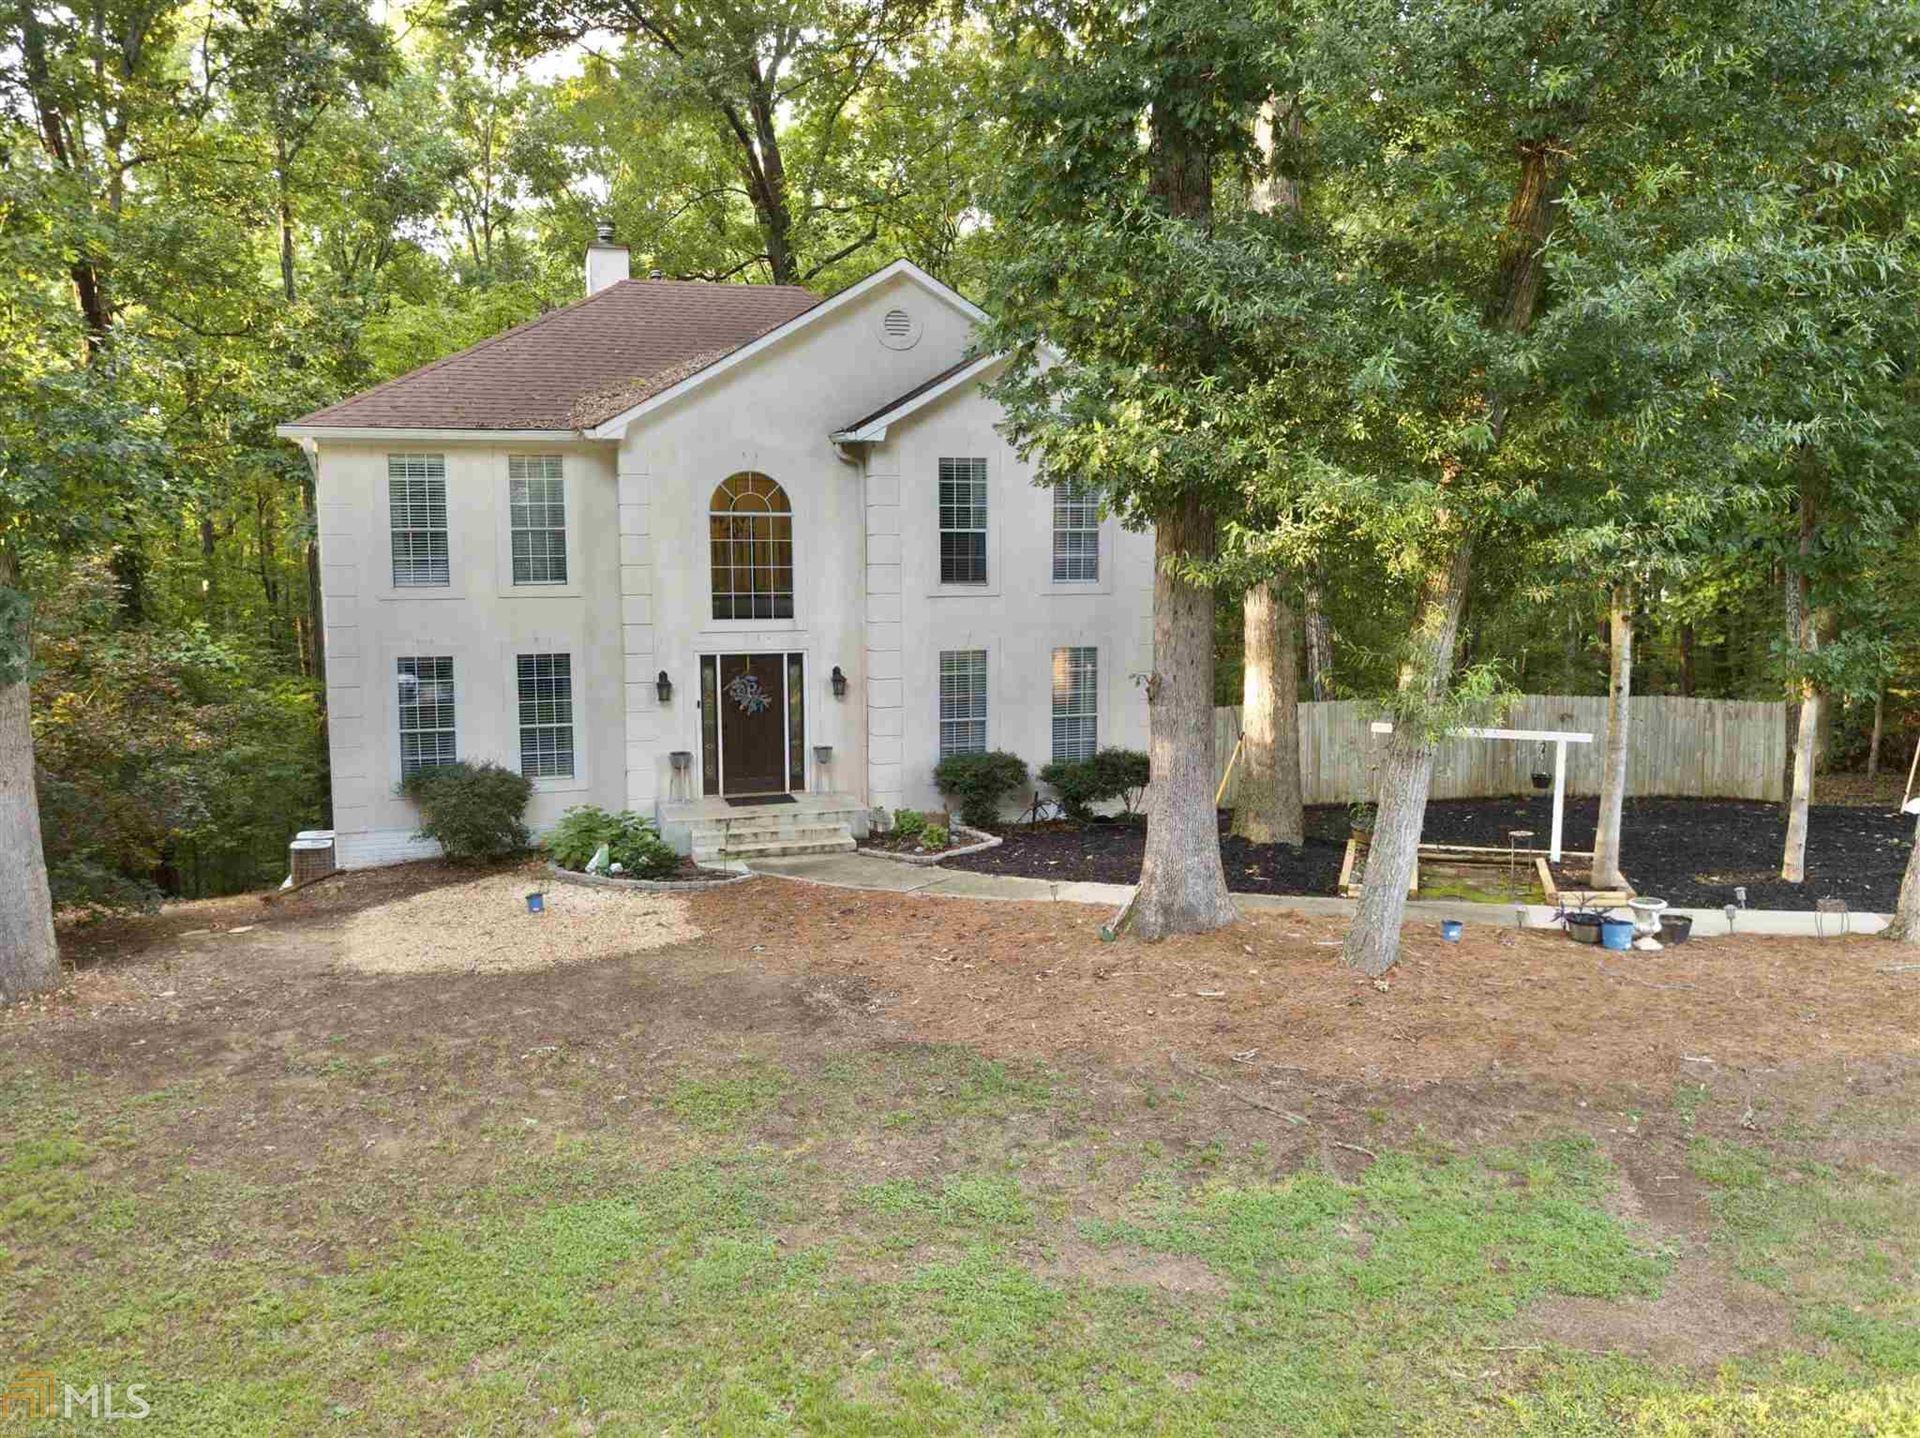 320 The Farm Rd, McDonough, GA 30252 - #: 8831325